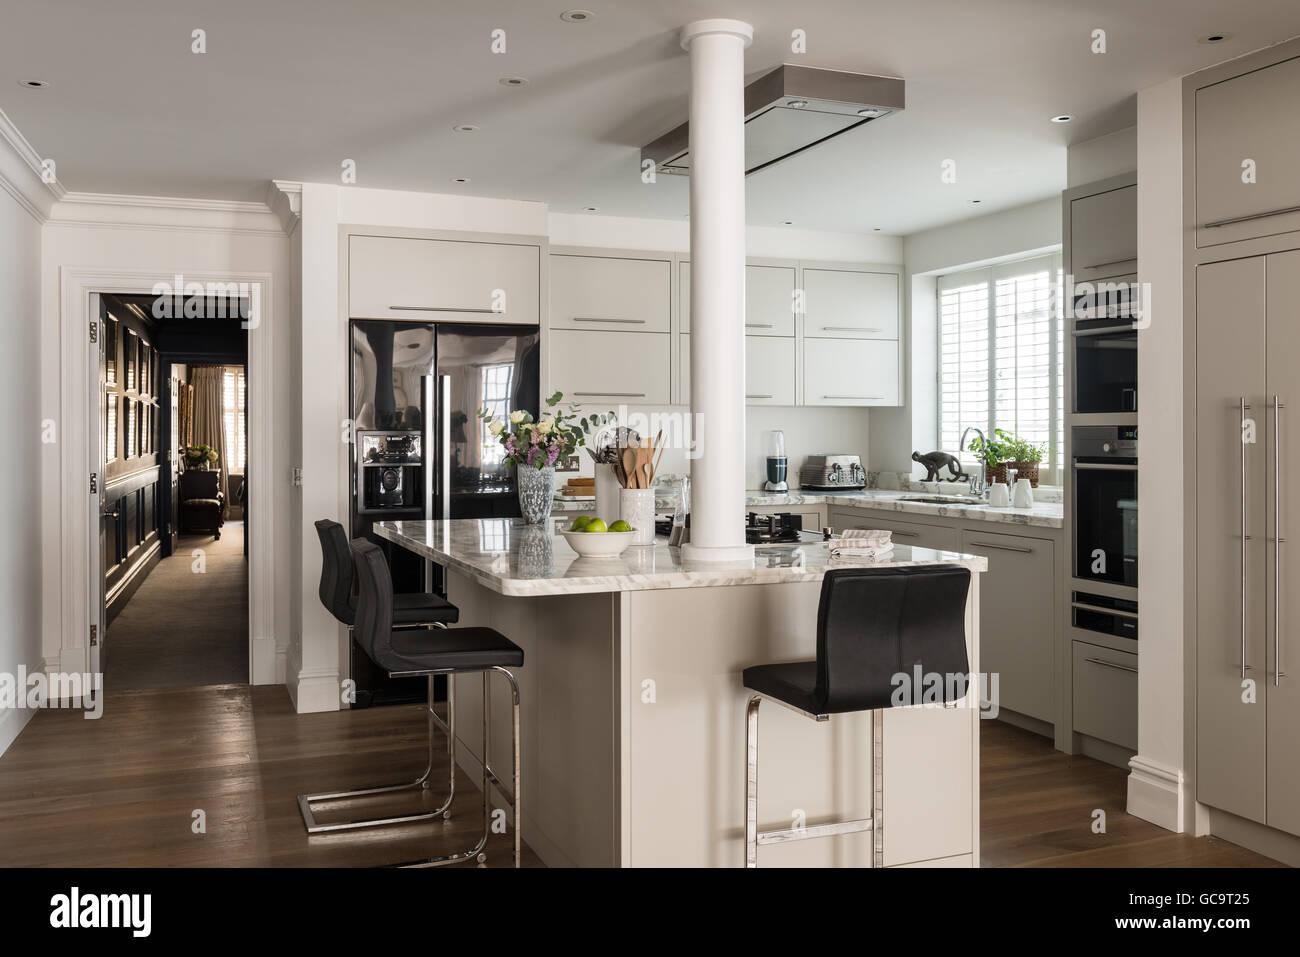 Plan ouvert cuisine moderne conçu par Stepahnie Dunning Photo Stock